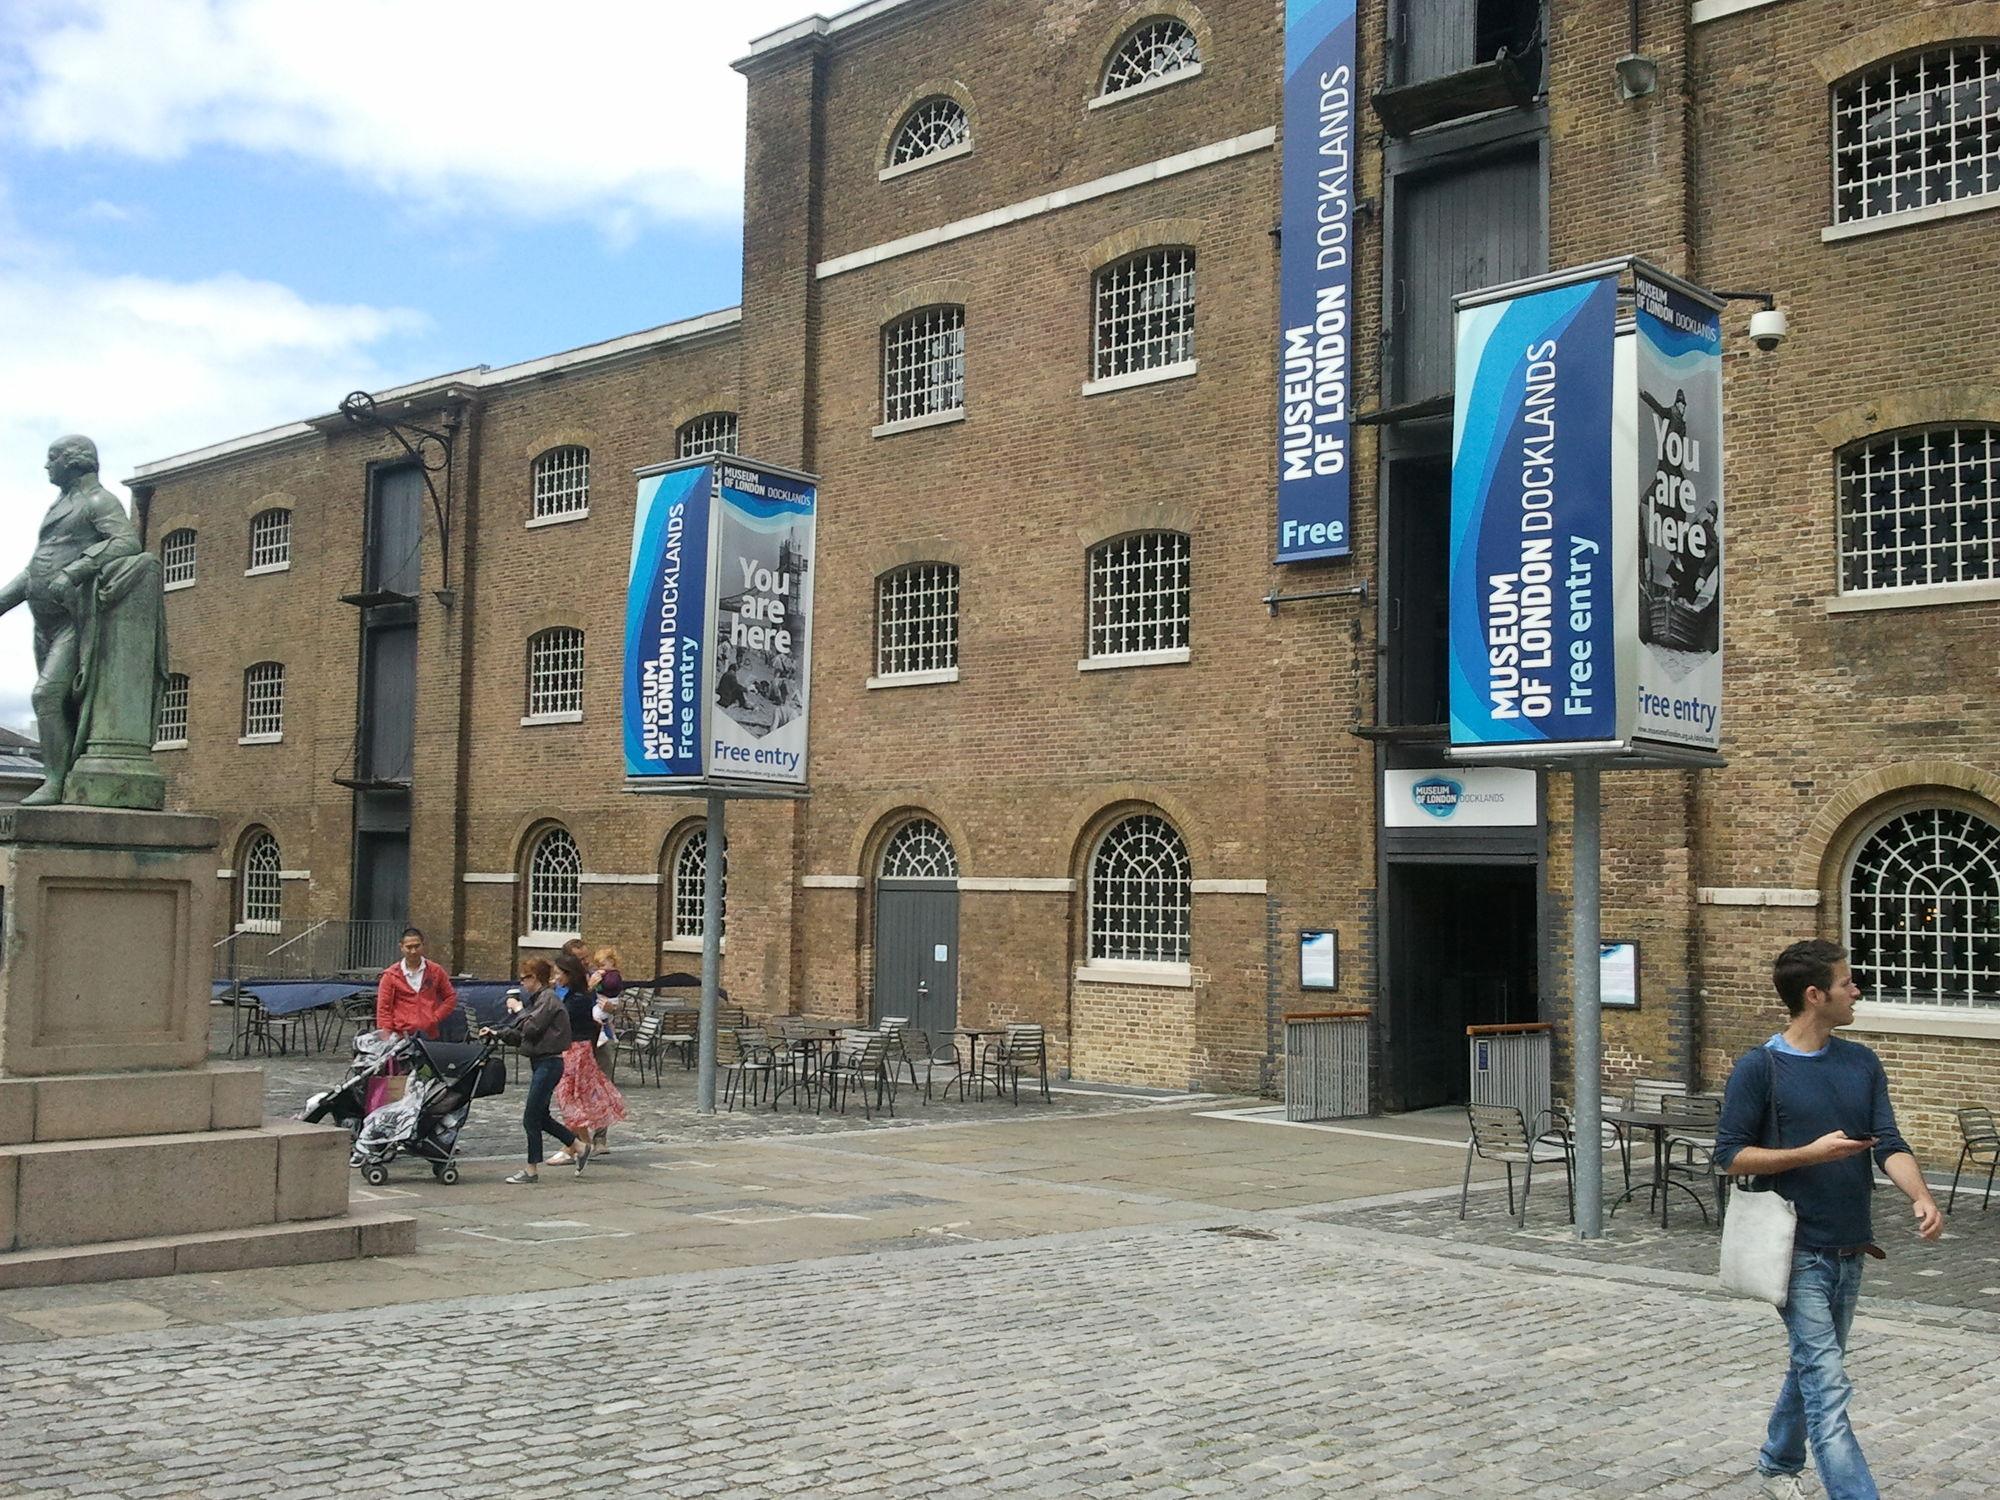 GOSEE : DEUTSCHES HAUS, Museum of London Docklands